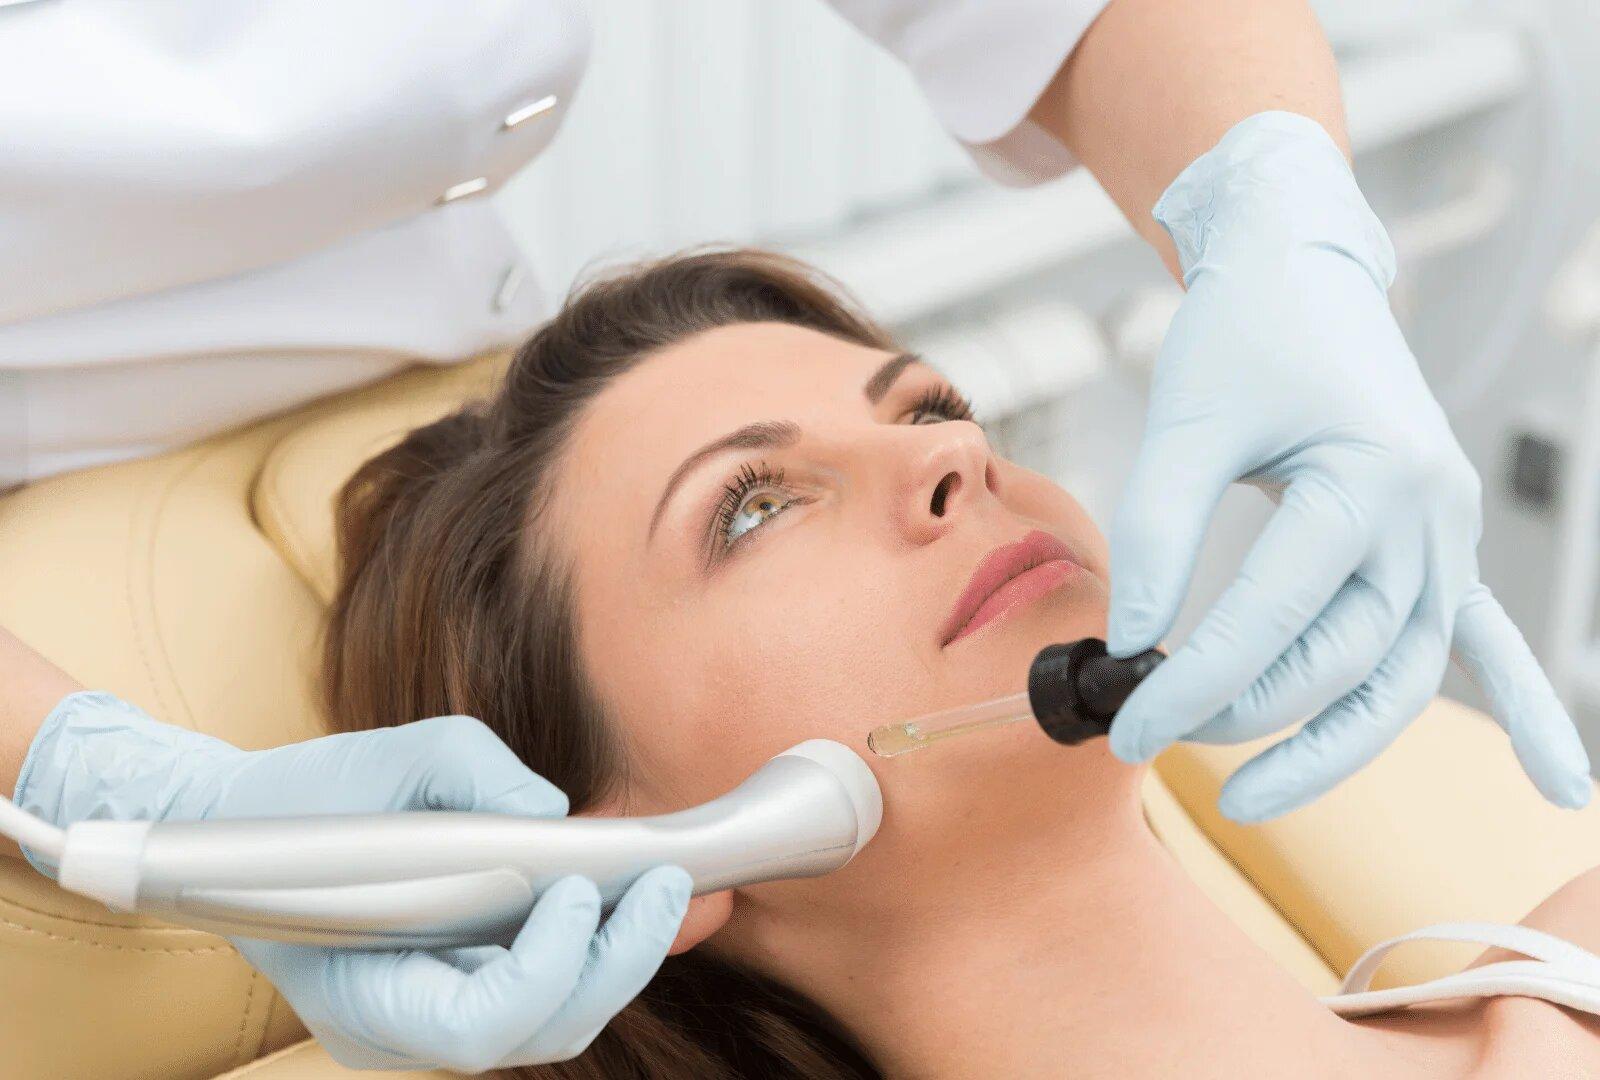 Woman receiving facial treatment at 99 Medispa clinic